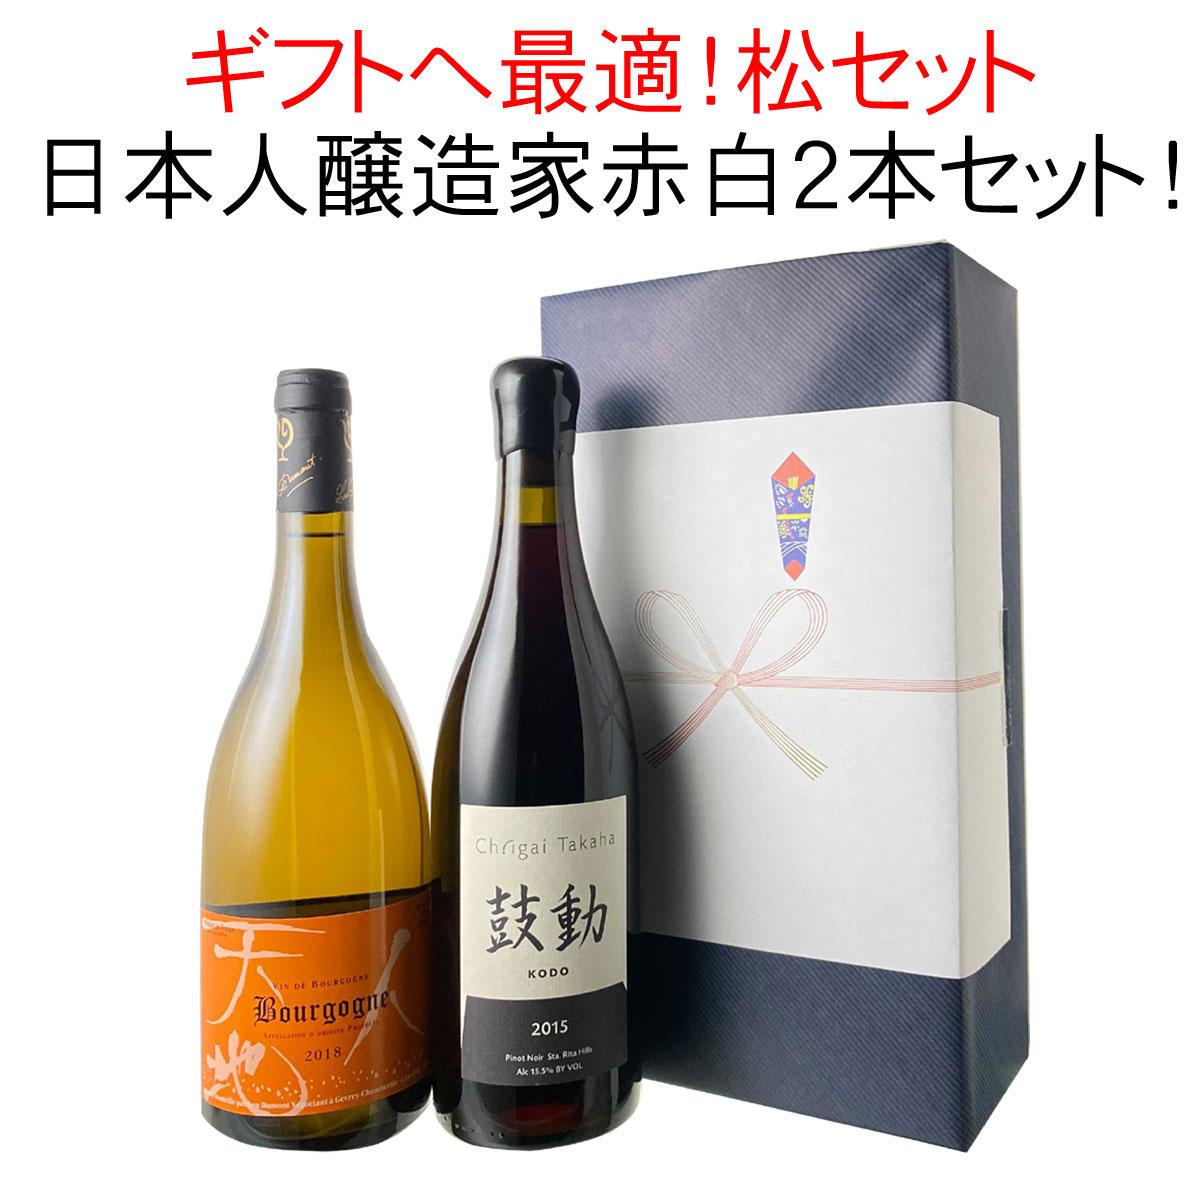 ワイン プレゼント ギフト 松 セット 和の心が詰まった日本人醸造家の極上2本! 10000円 御祝 誕生日 【沖縄・離島は別料金加算】